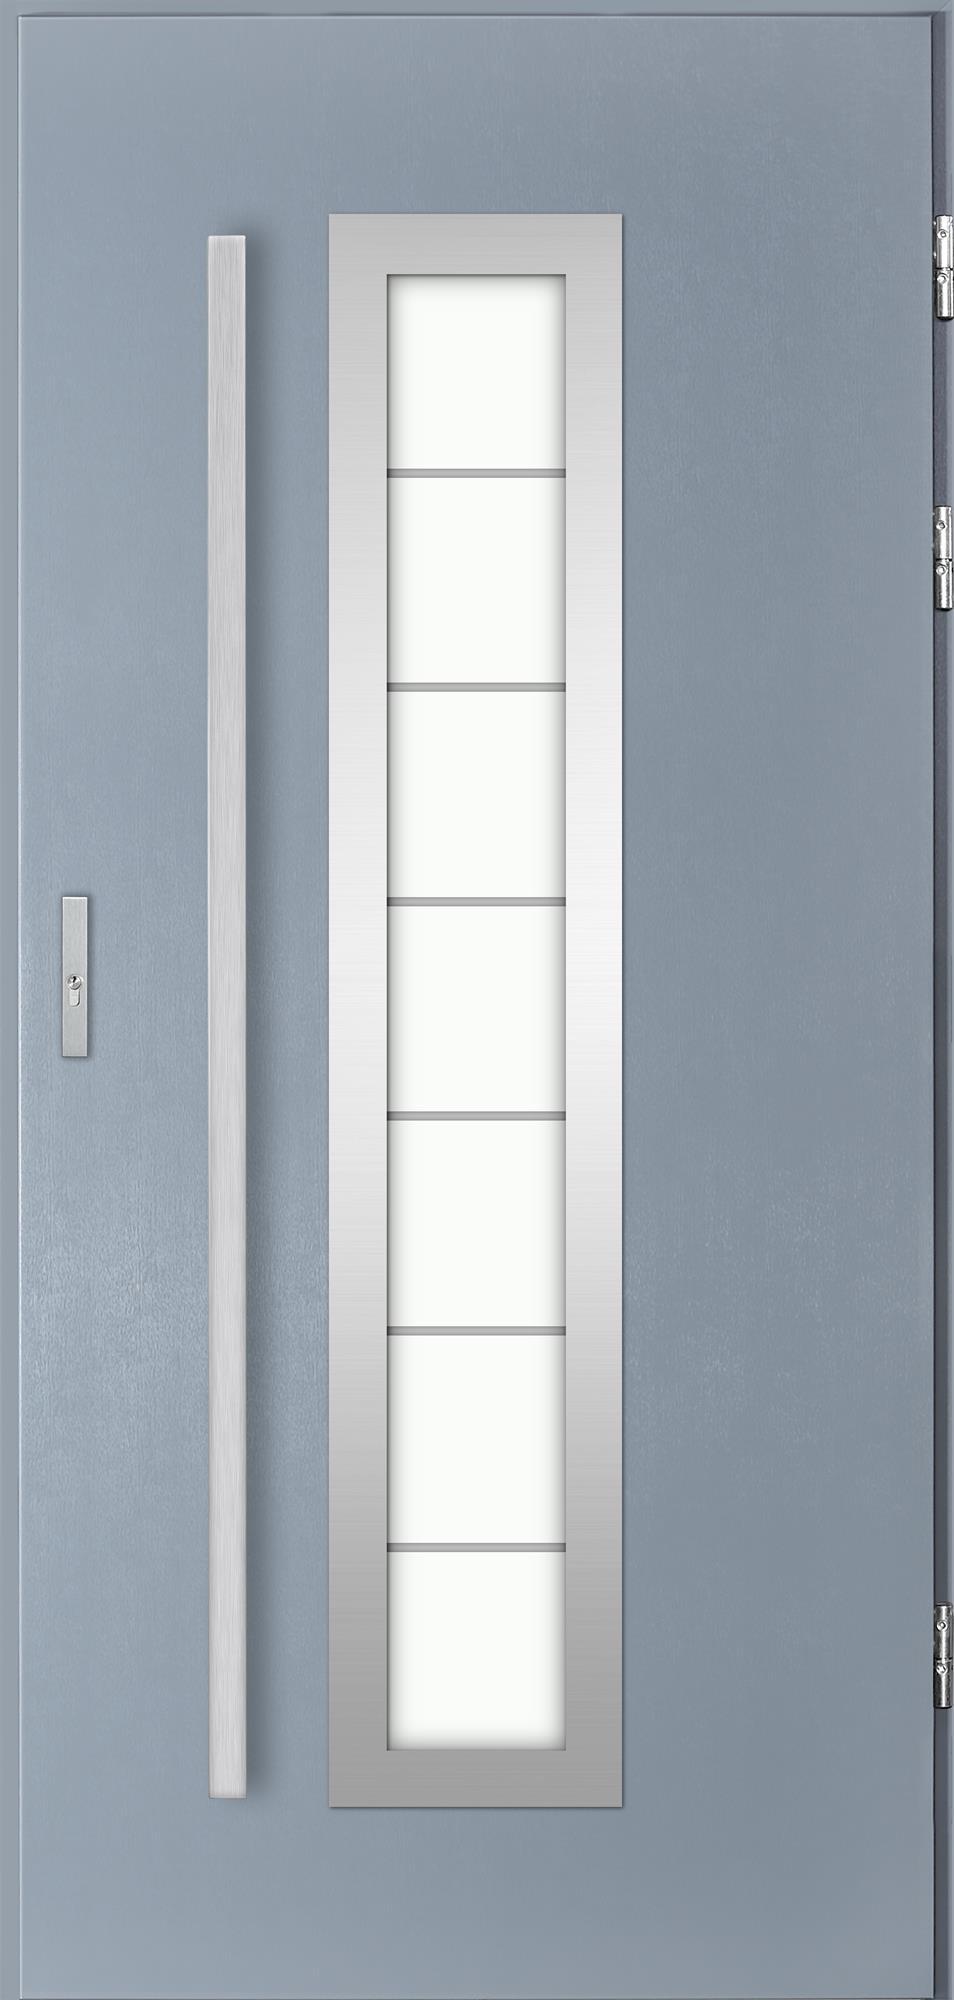 Venkovní vchodové dveøe Hevelio, svìtlý antracit